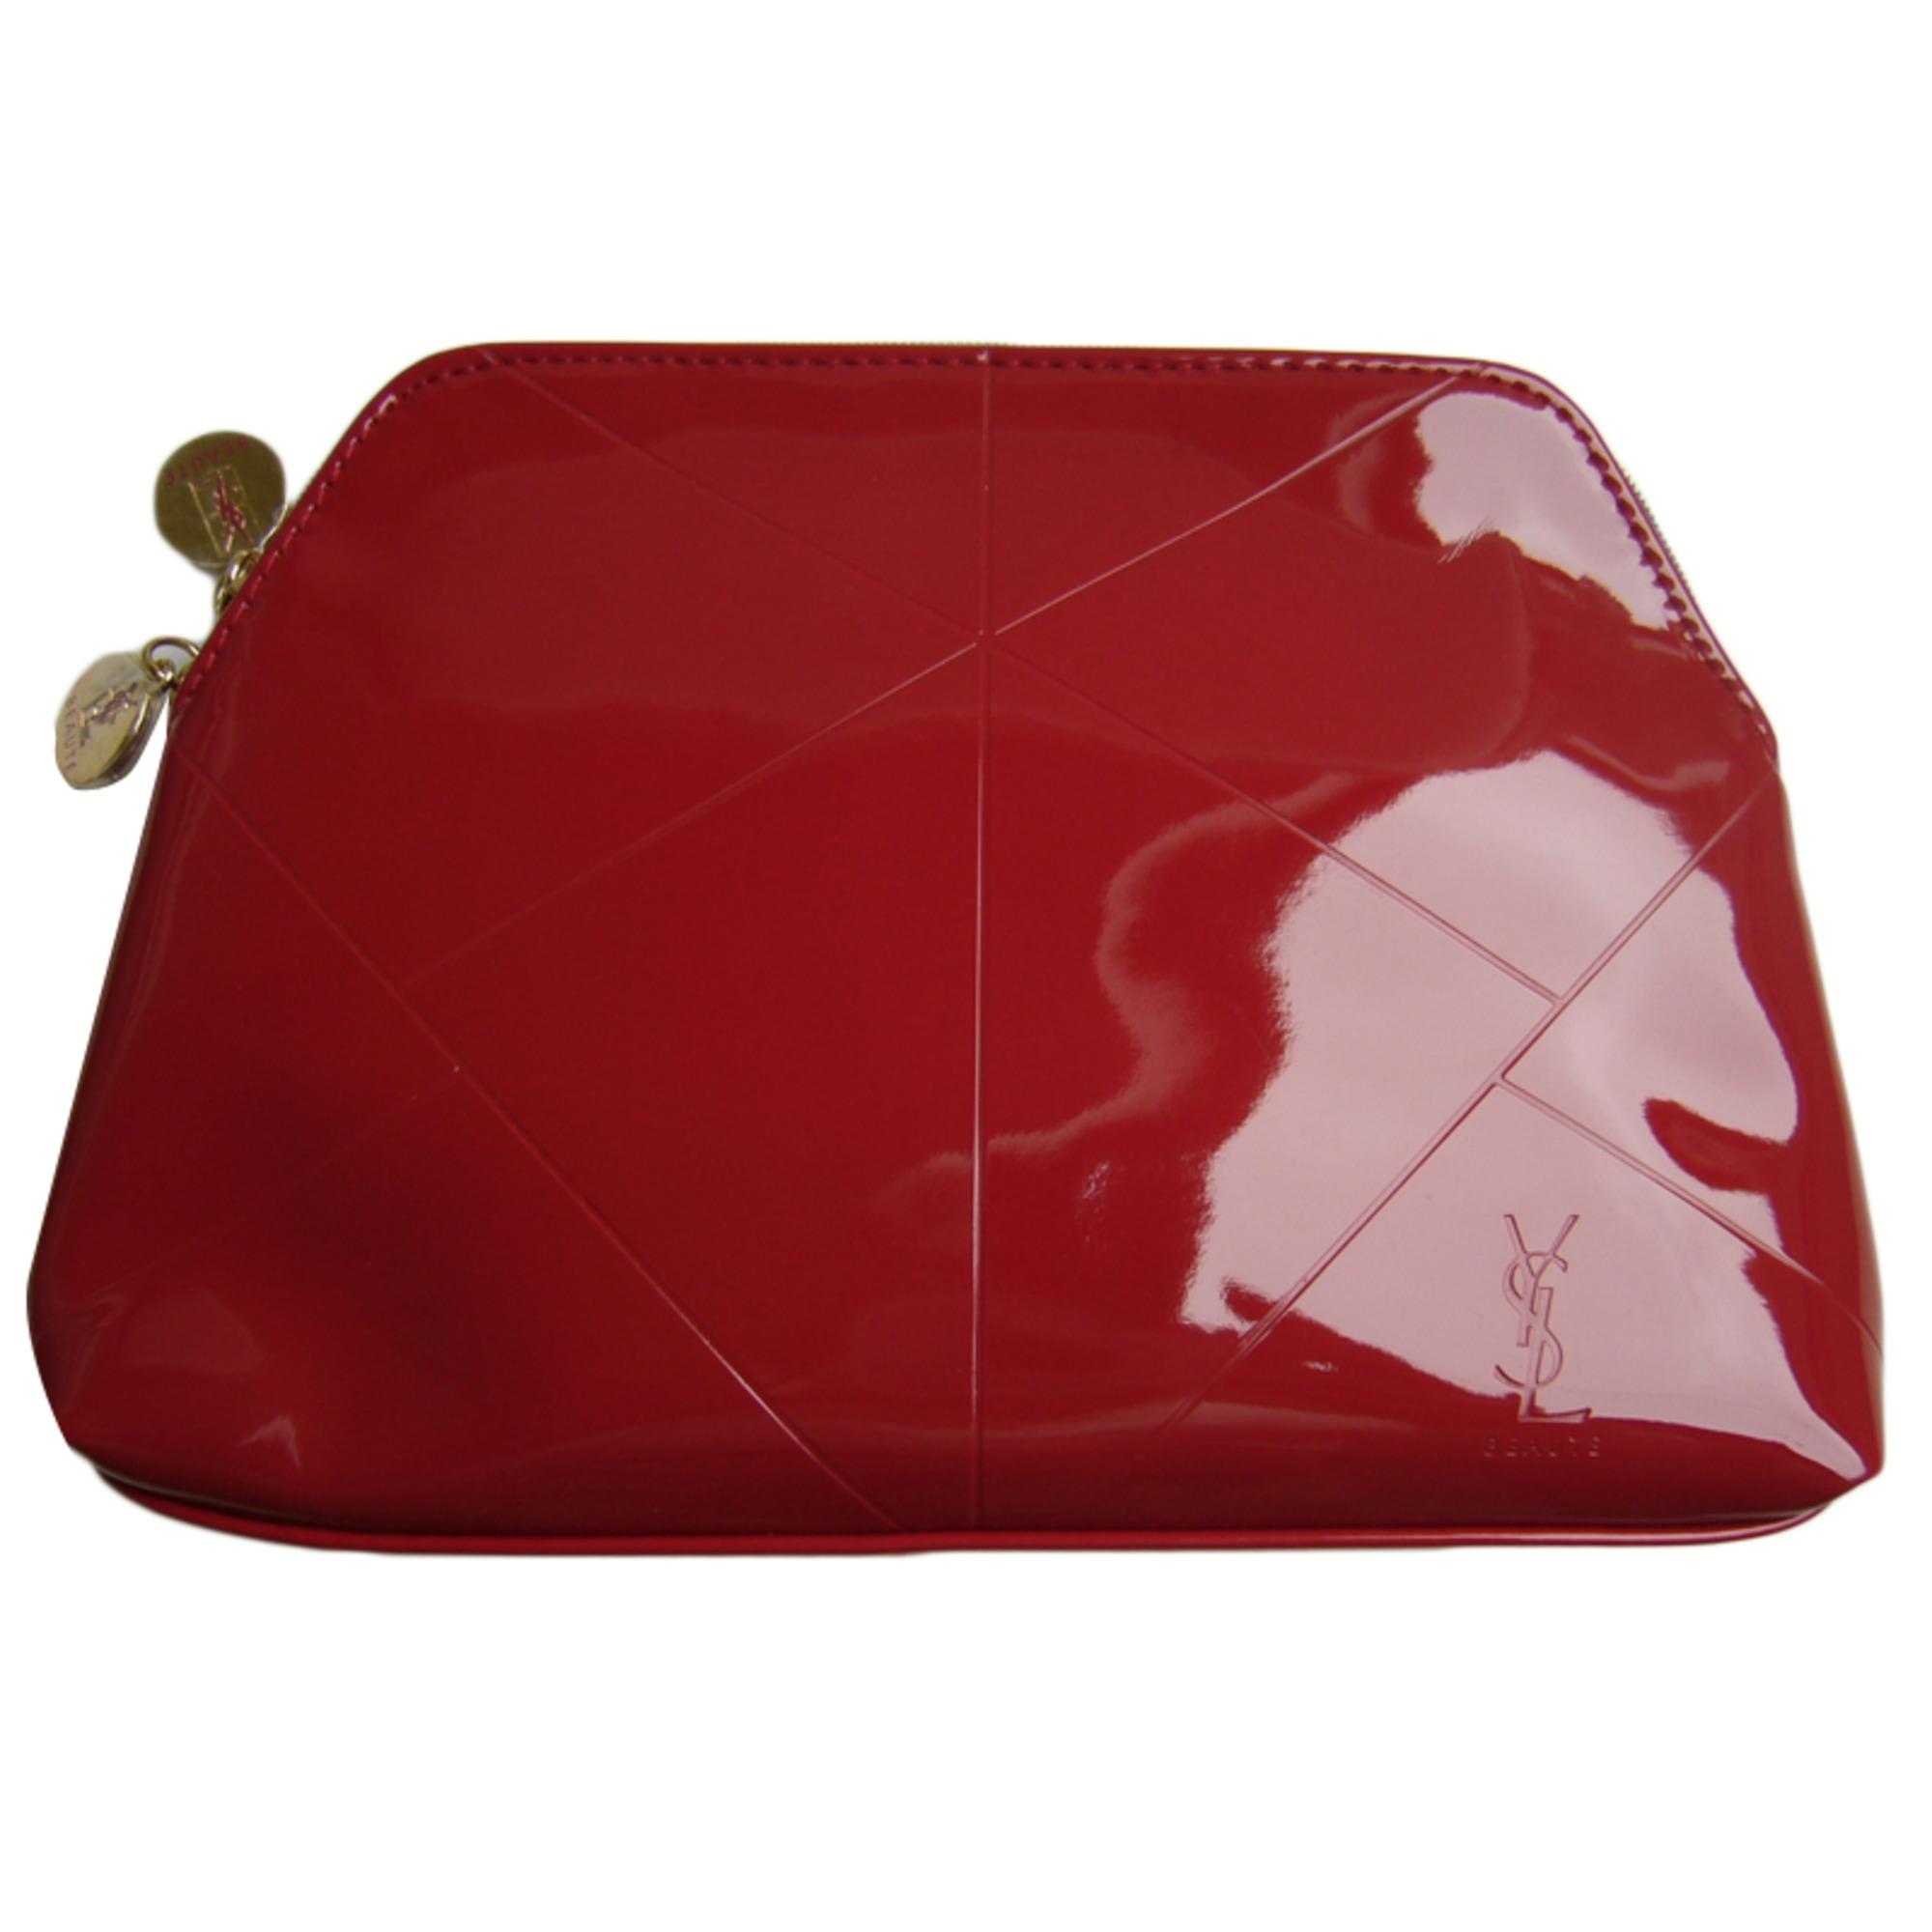 Pochette YVES SAINT LAURENT Rouge, bordeaux